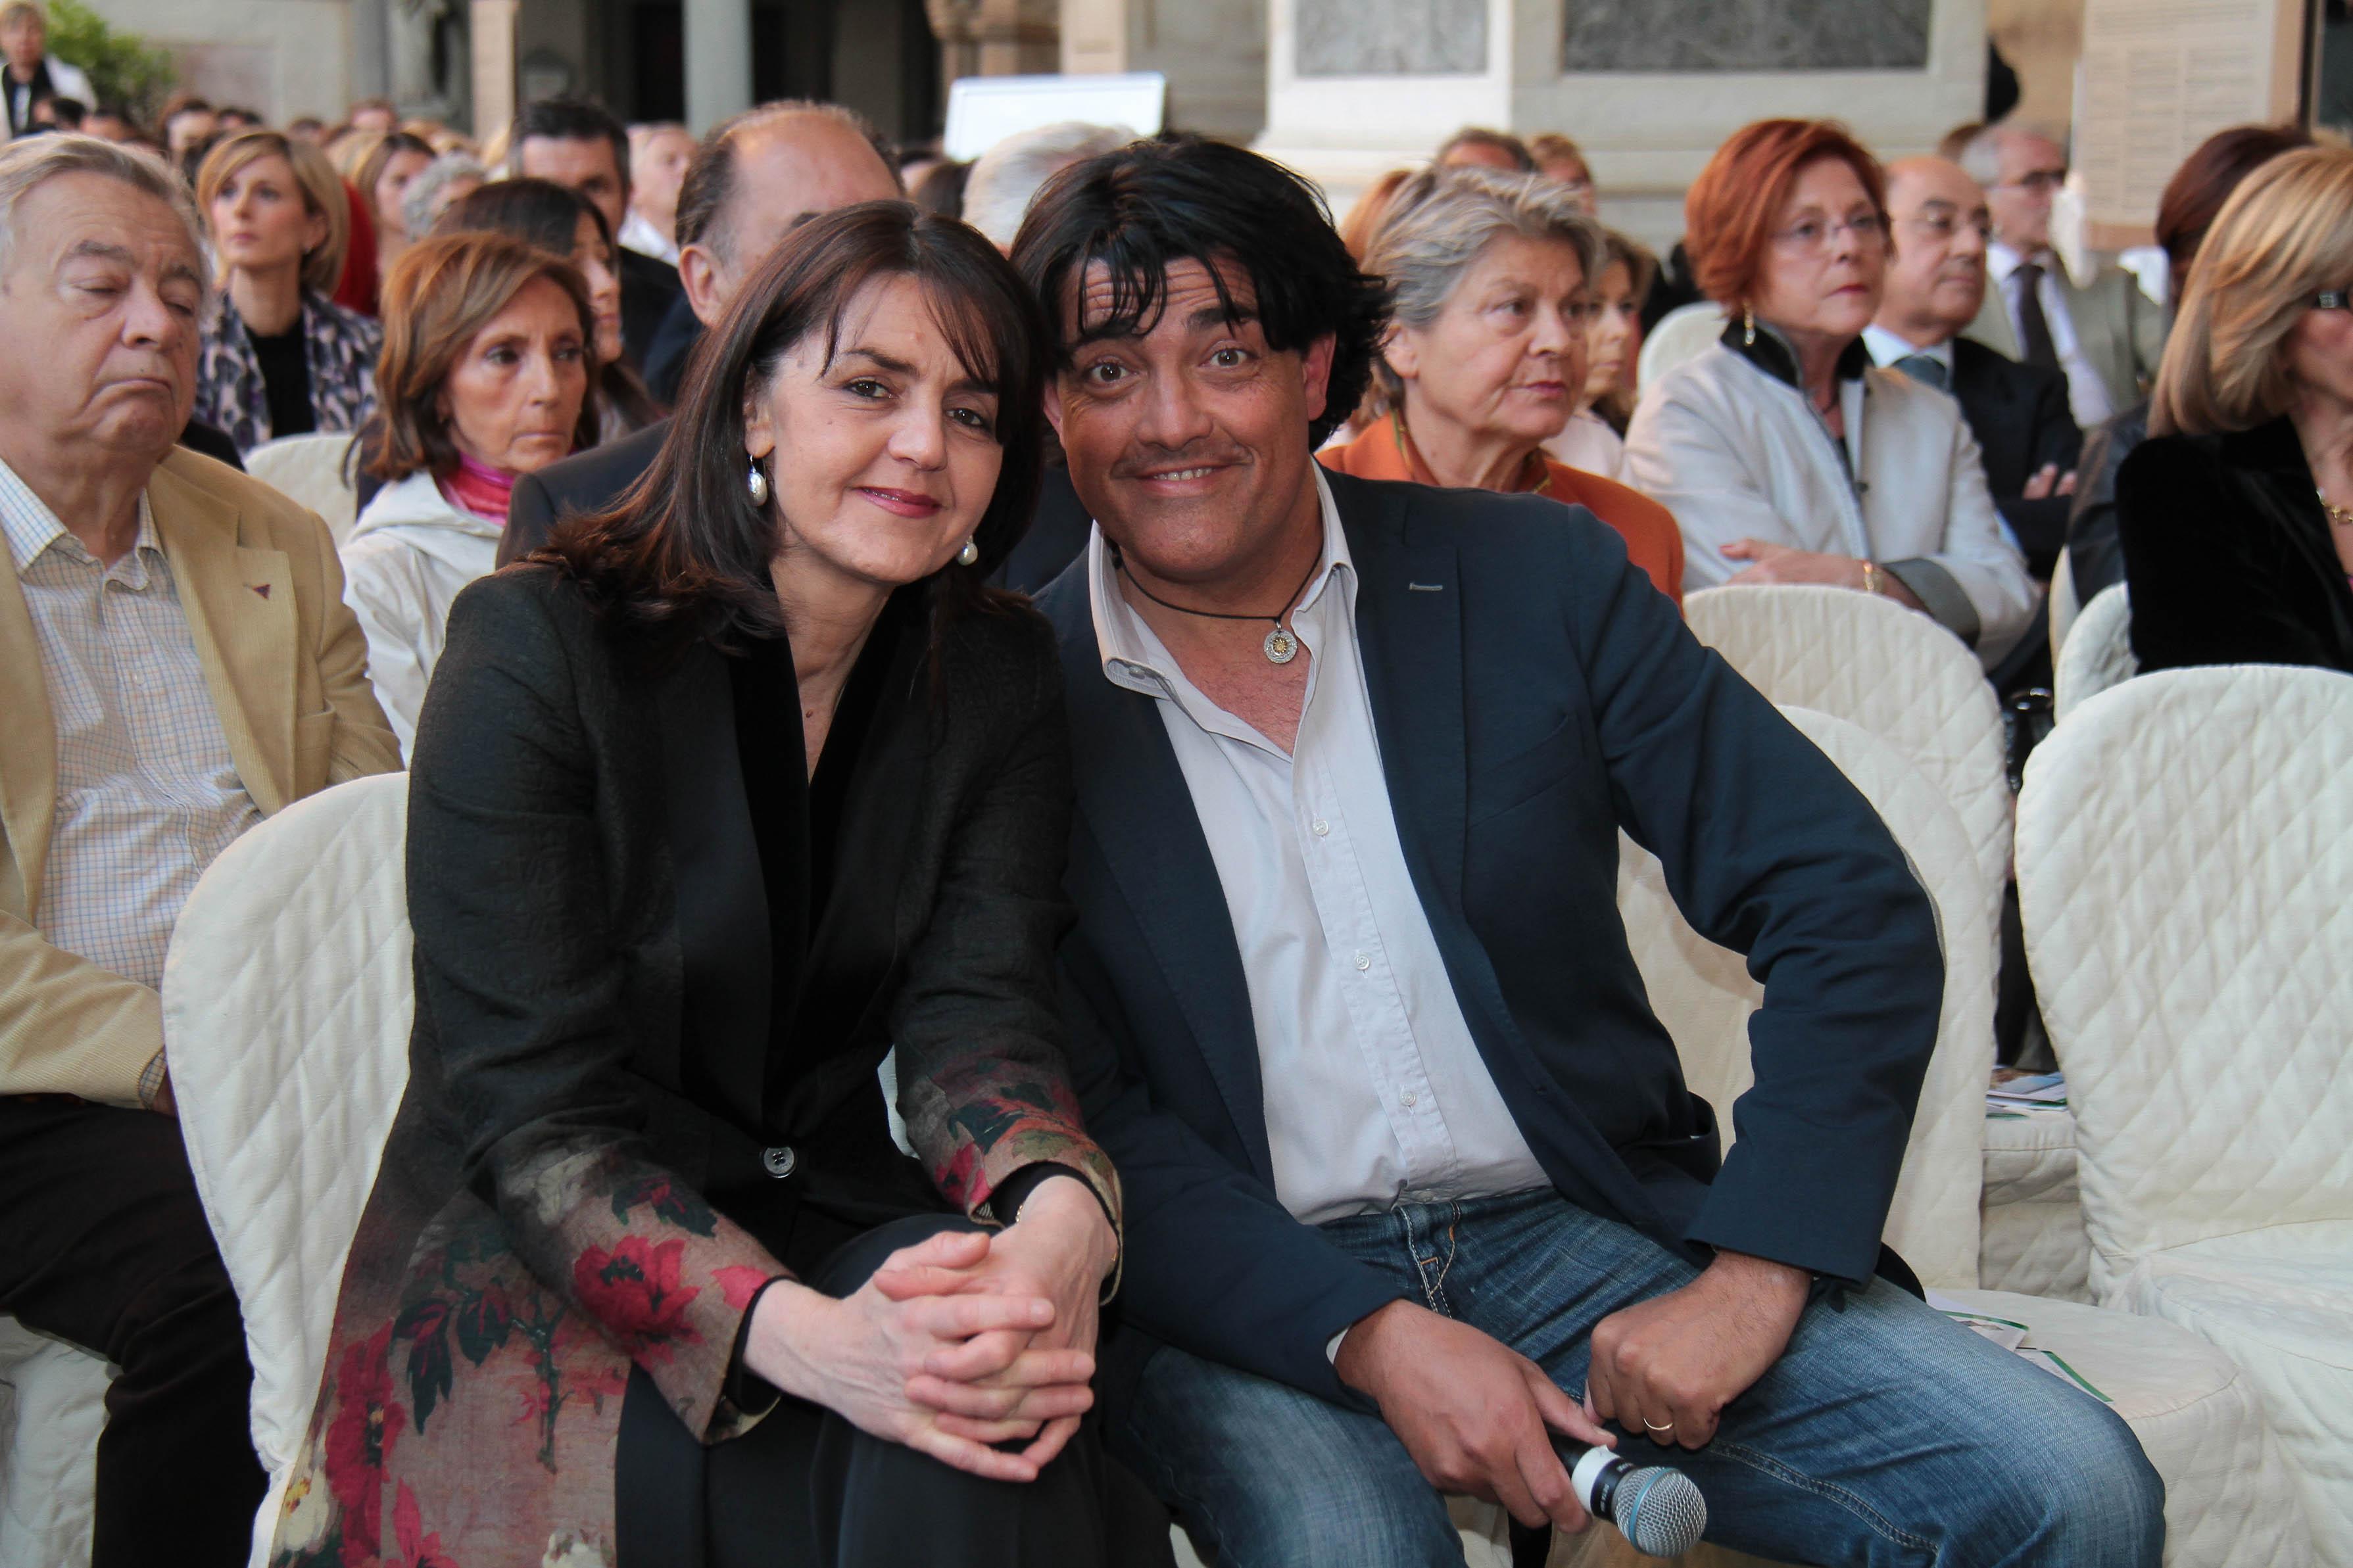 PRESSPHOTO Firenze, Loggia dei Lanzi, asta benefica per ANT organizzata da Farsetti. Nella foto Gaetano Gennai e Sonia Farsetti Giuseppe Cabras/New Press Photo